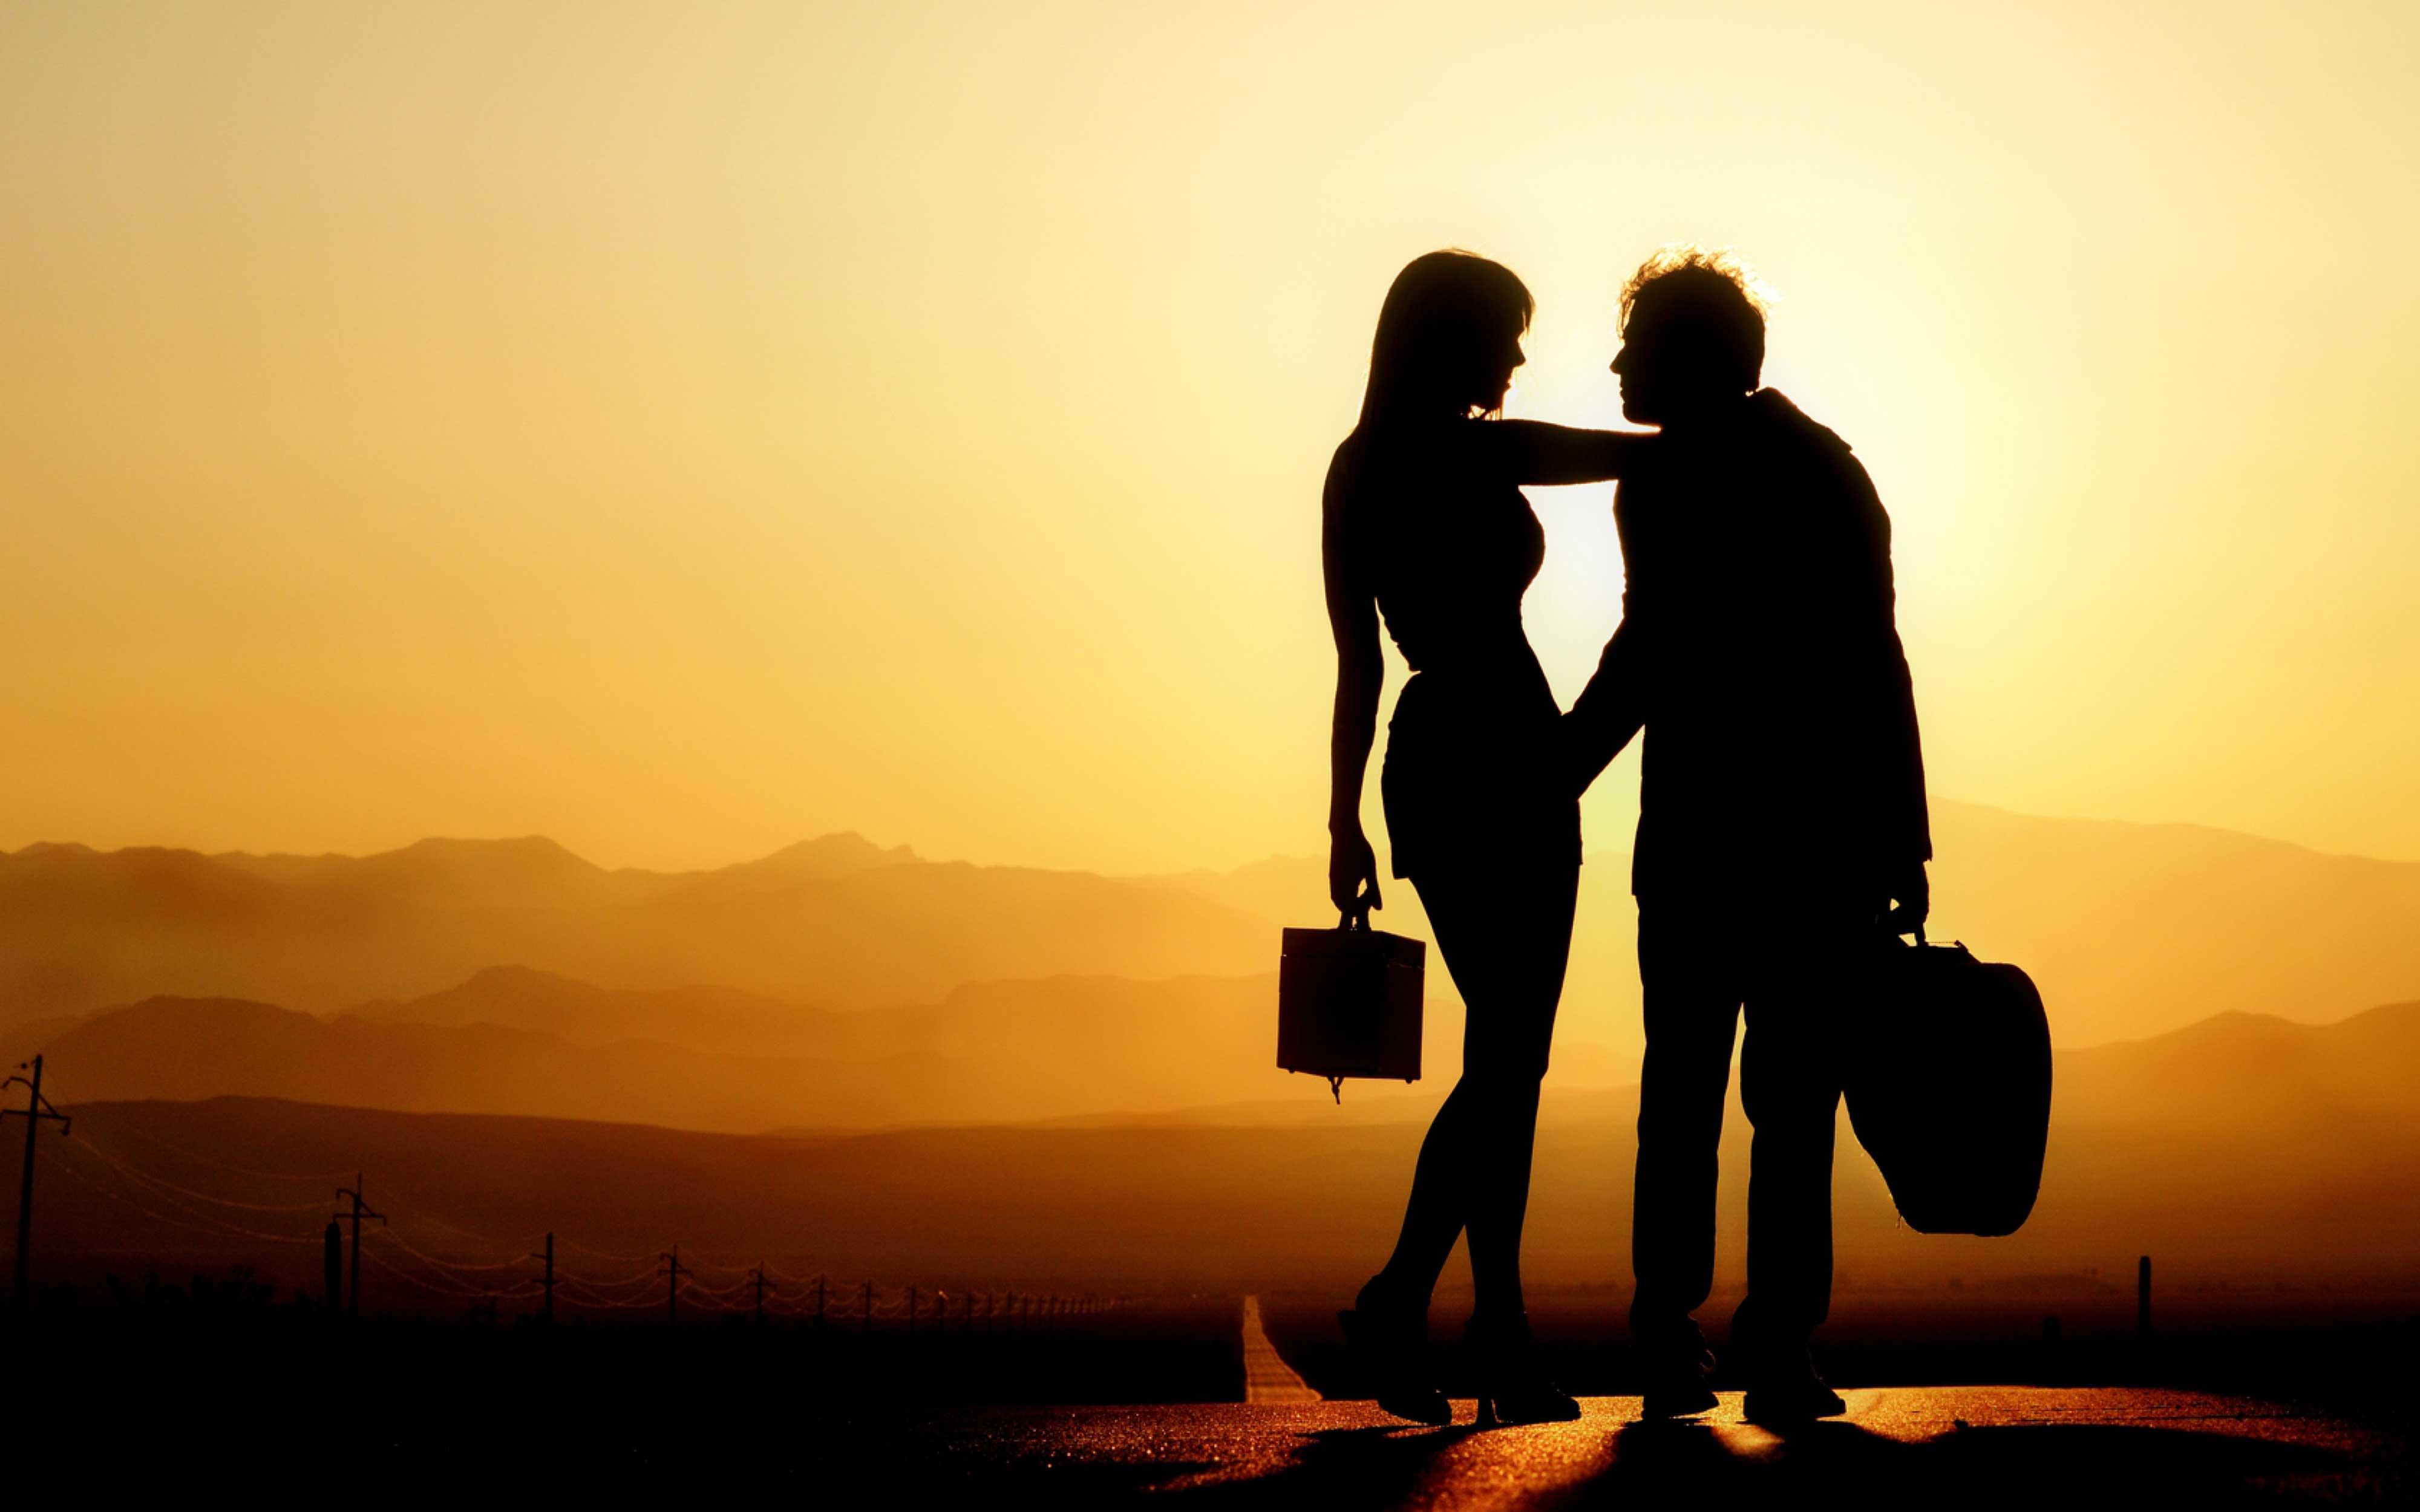 love couple pics - sf wallpaper